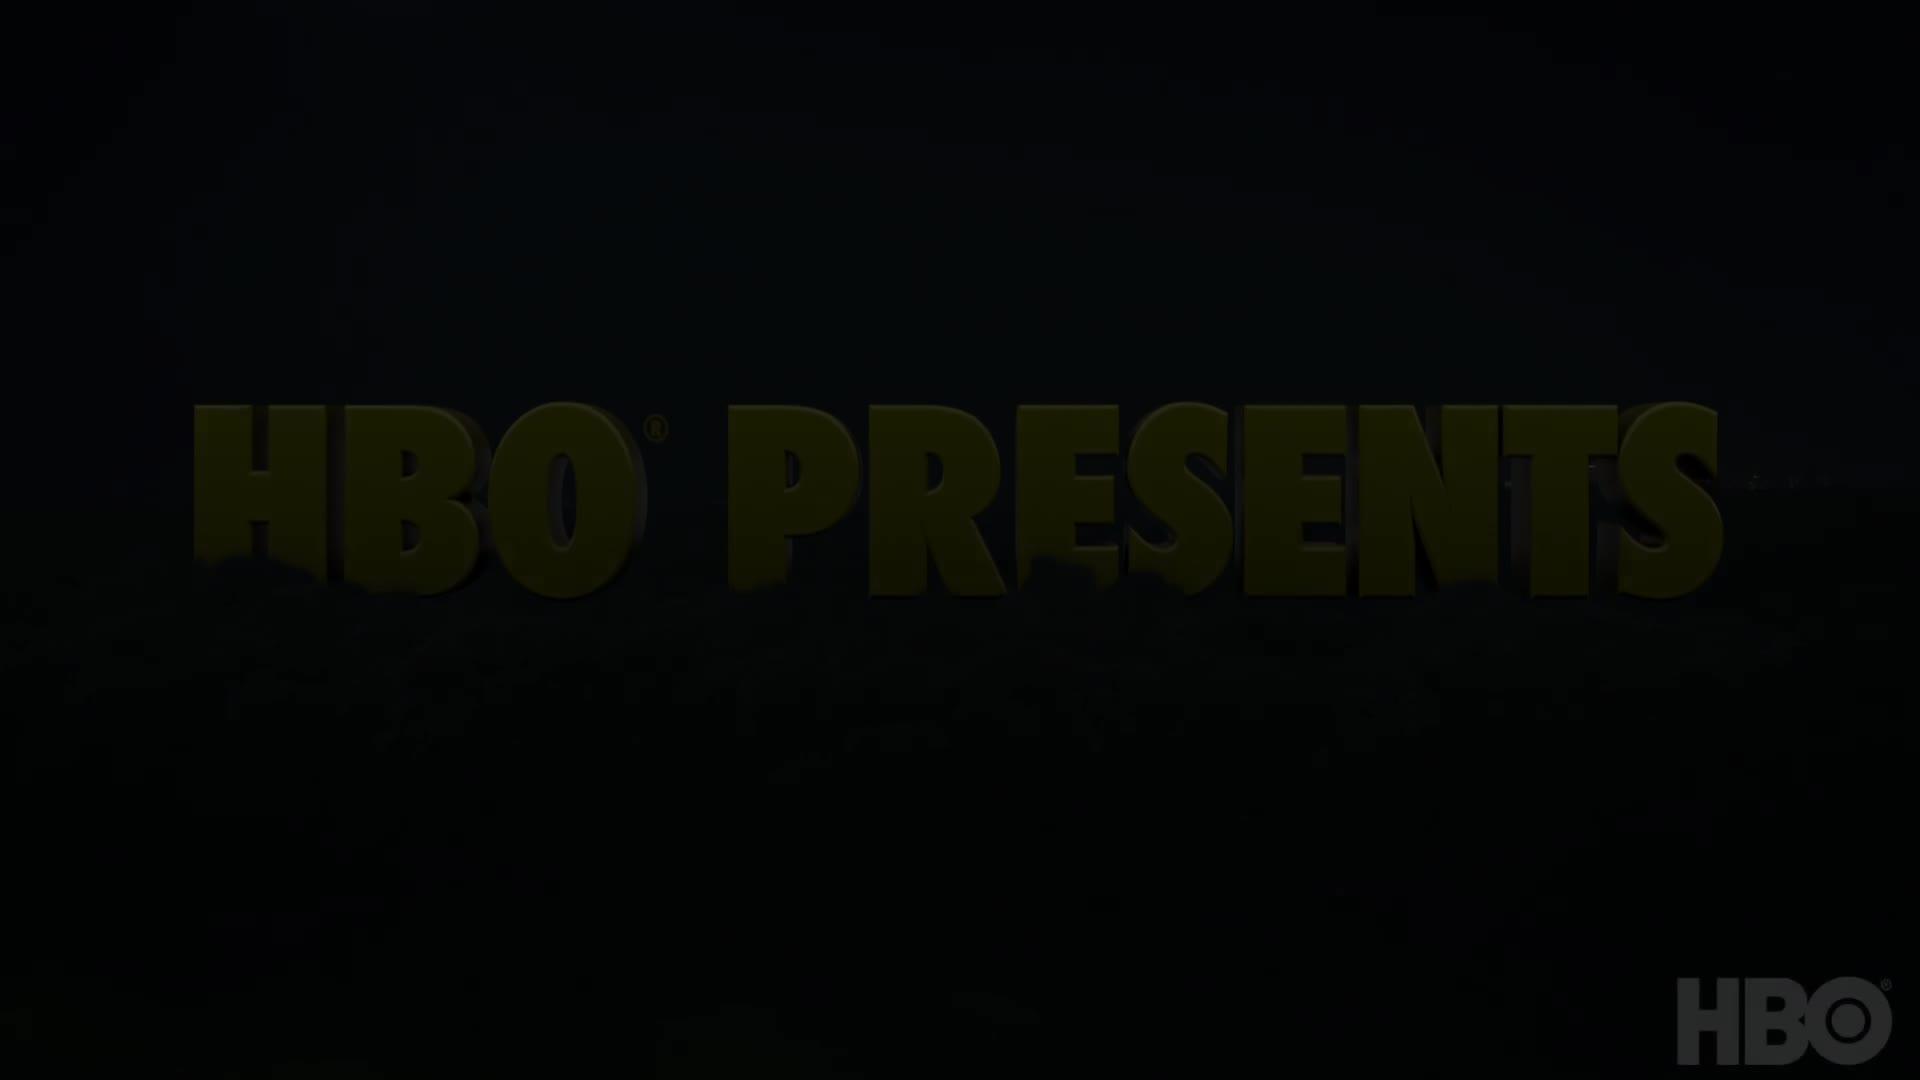 Watchmen - Official Trailer #3 [HD] screen capture